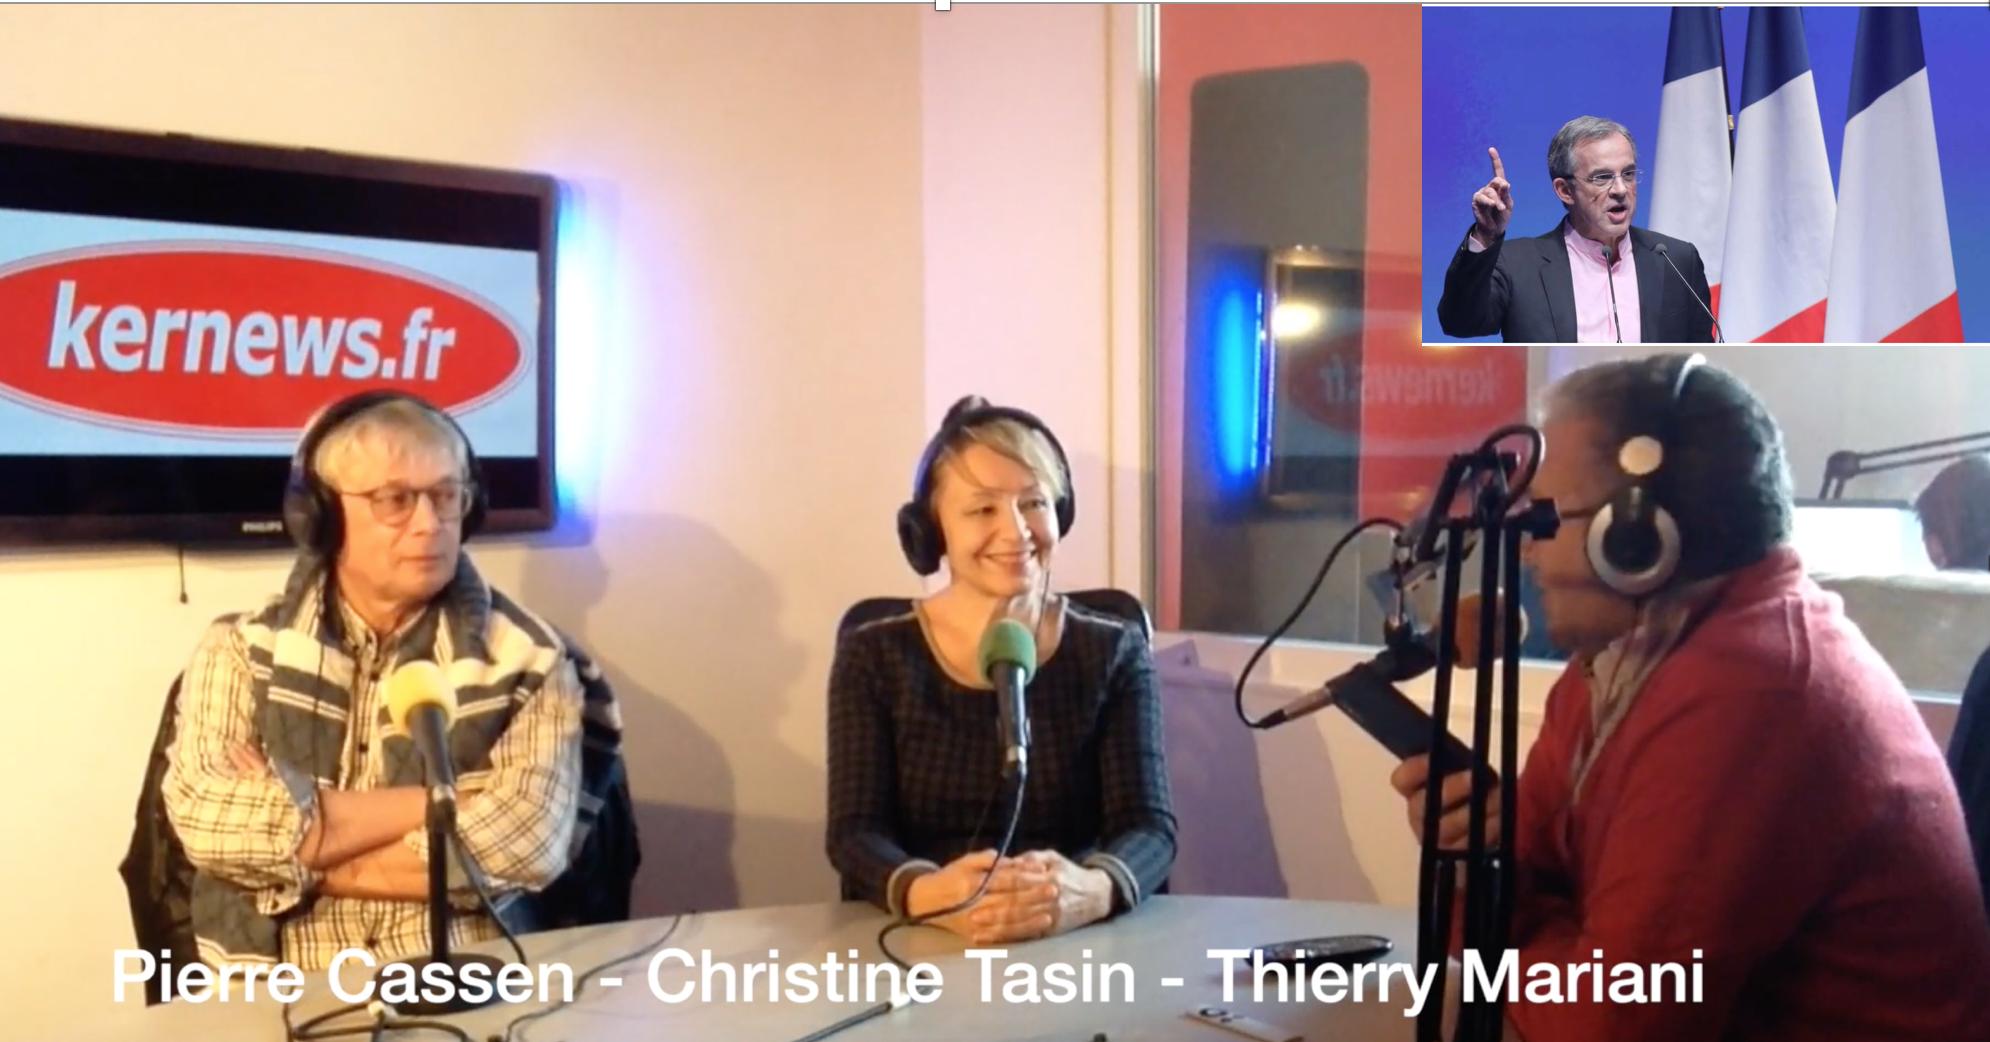 L'UE, à la source de nombre de nos maux : entretien entre Thierry Mariani, Pierre Cassen et Christine Tasin